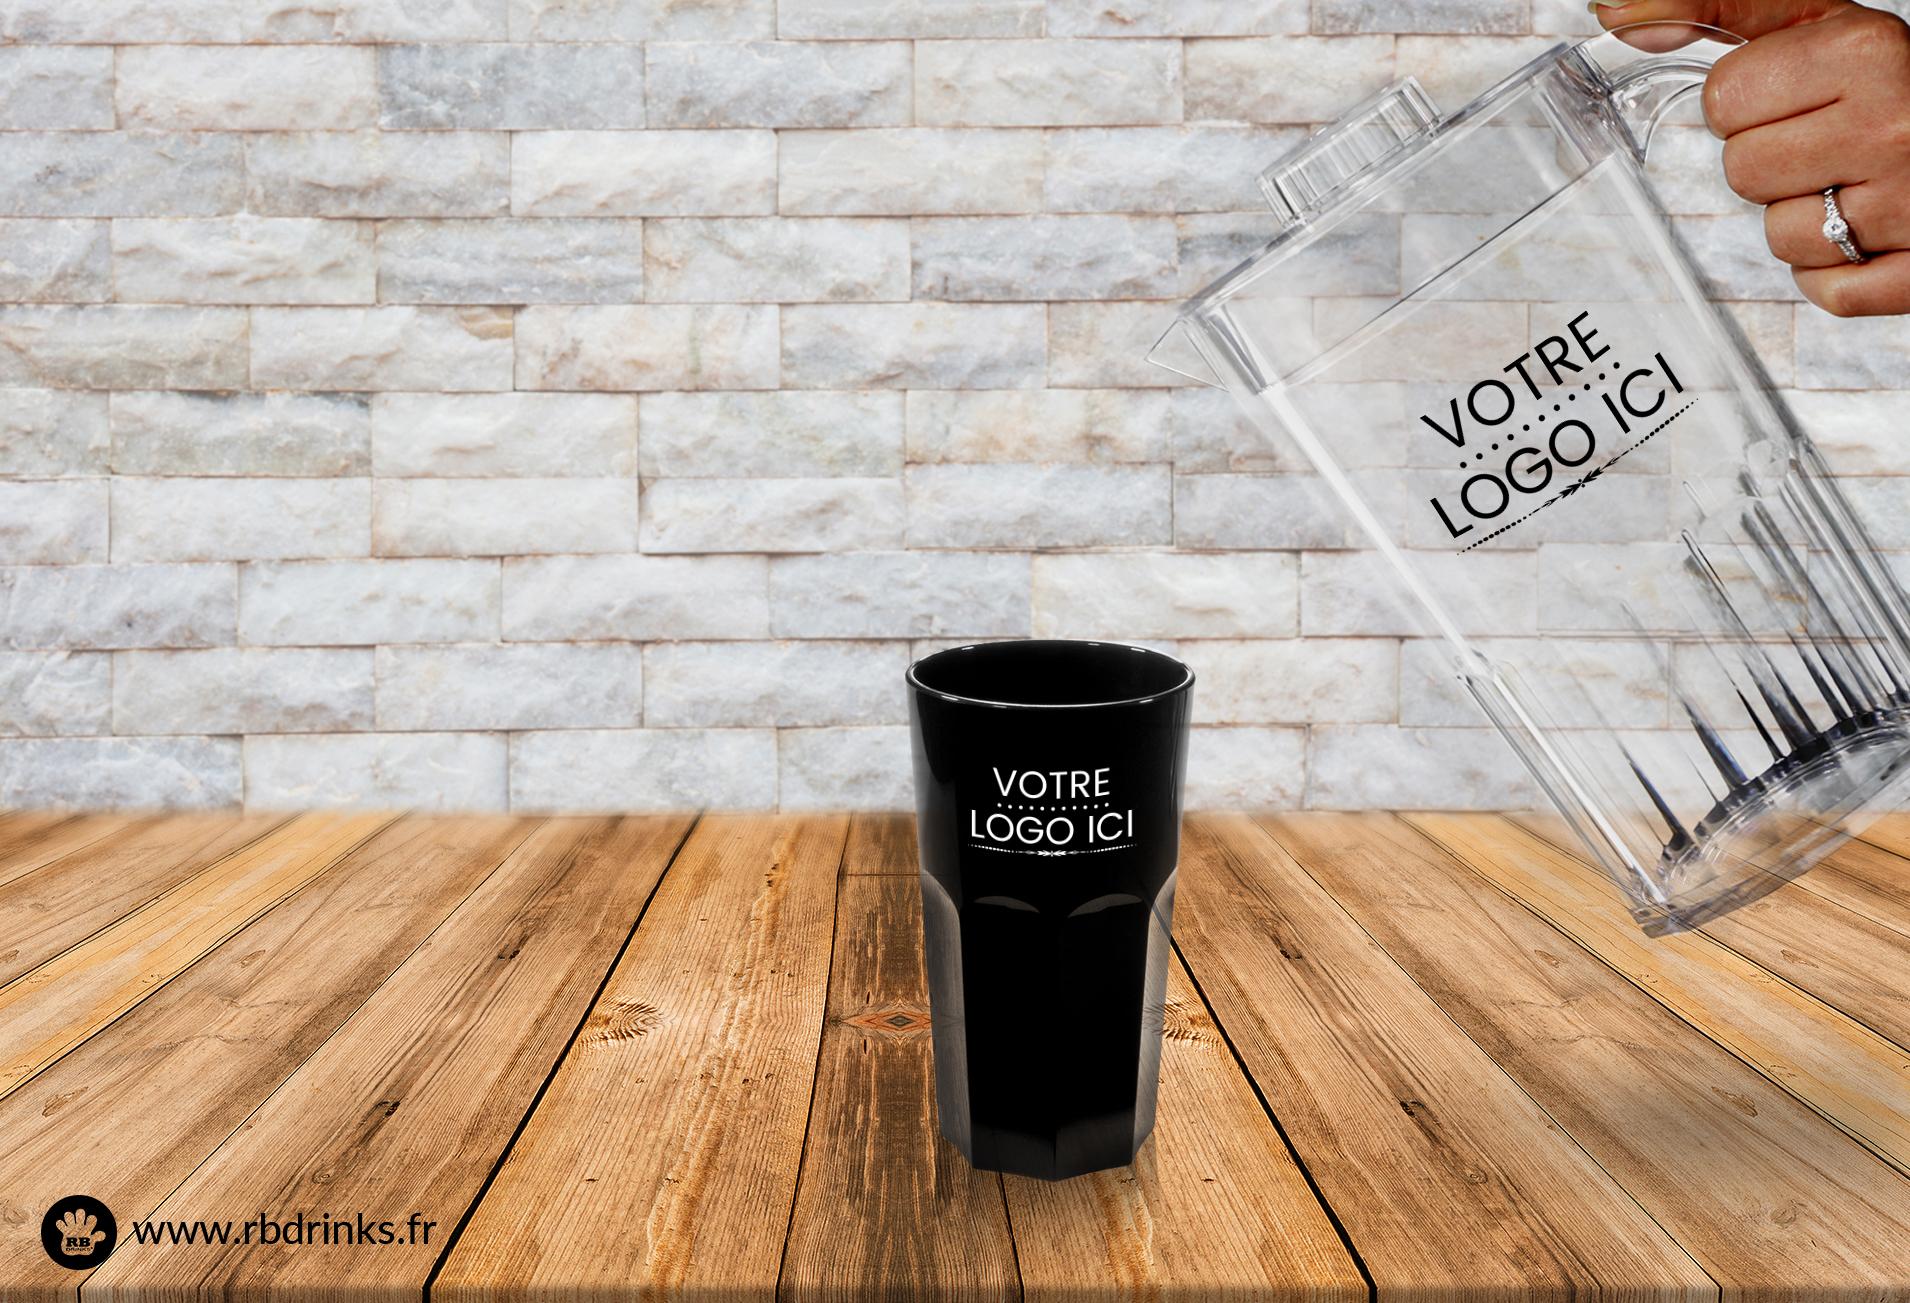 Personnalisation à la demande RBDRINKS | Vaisselle incassable